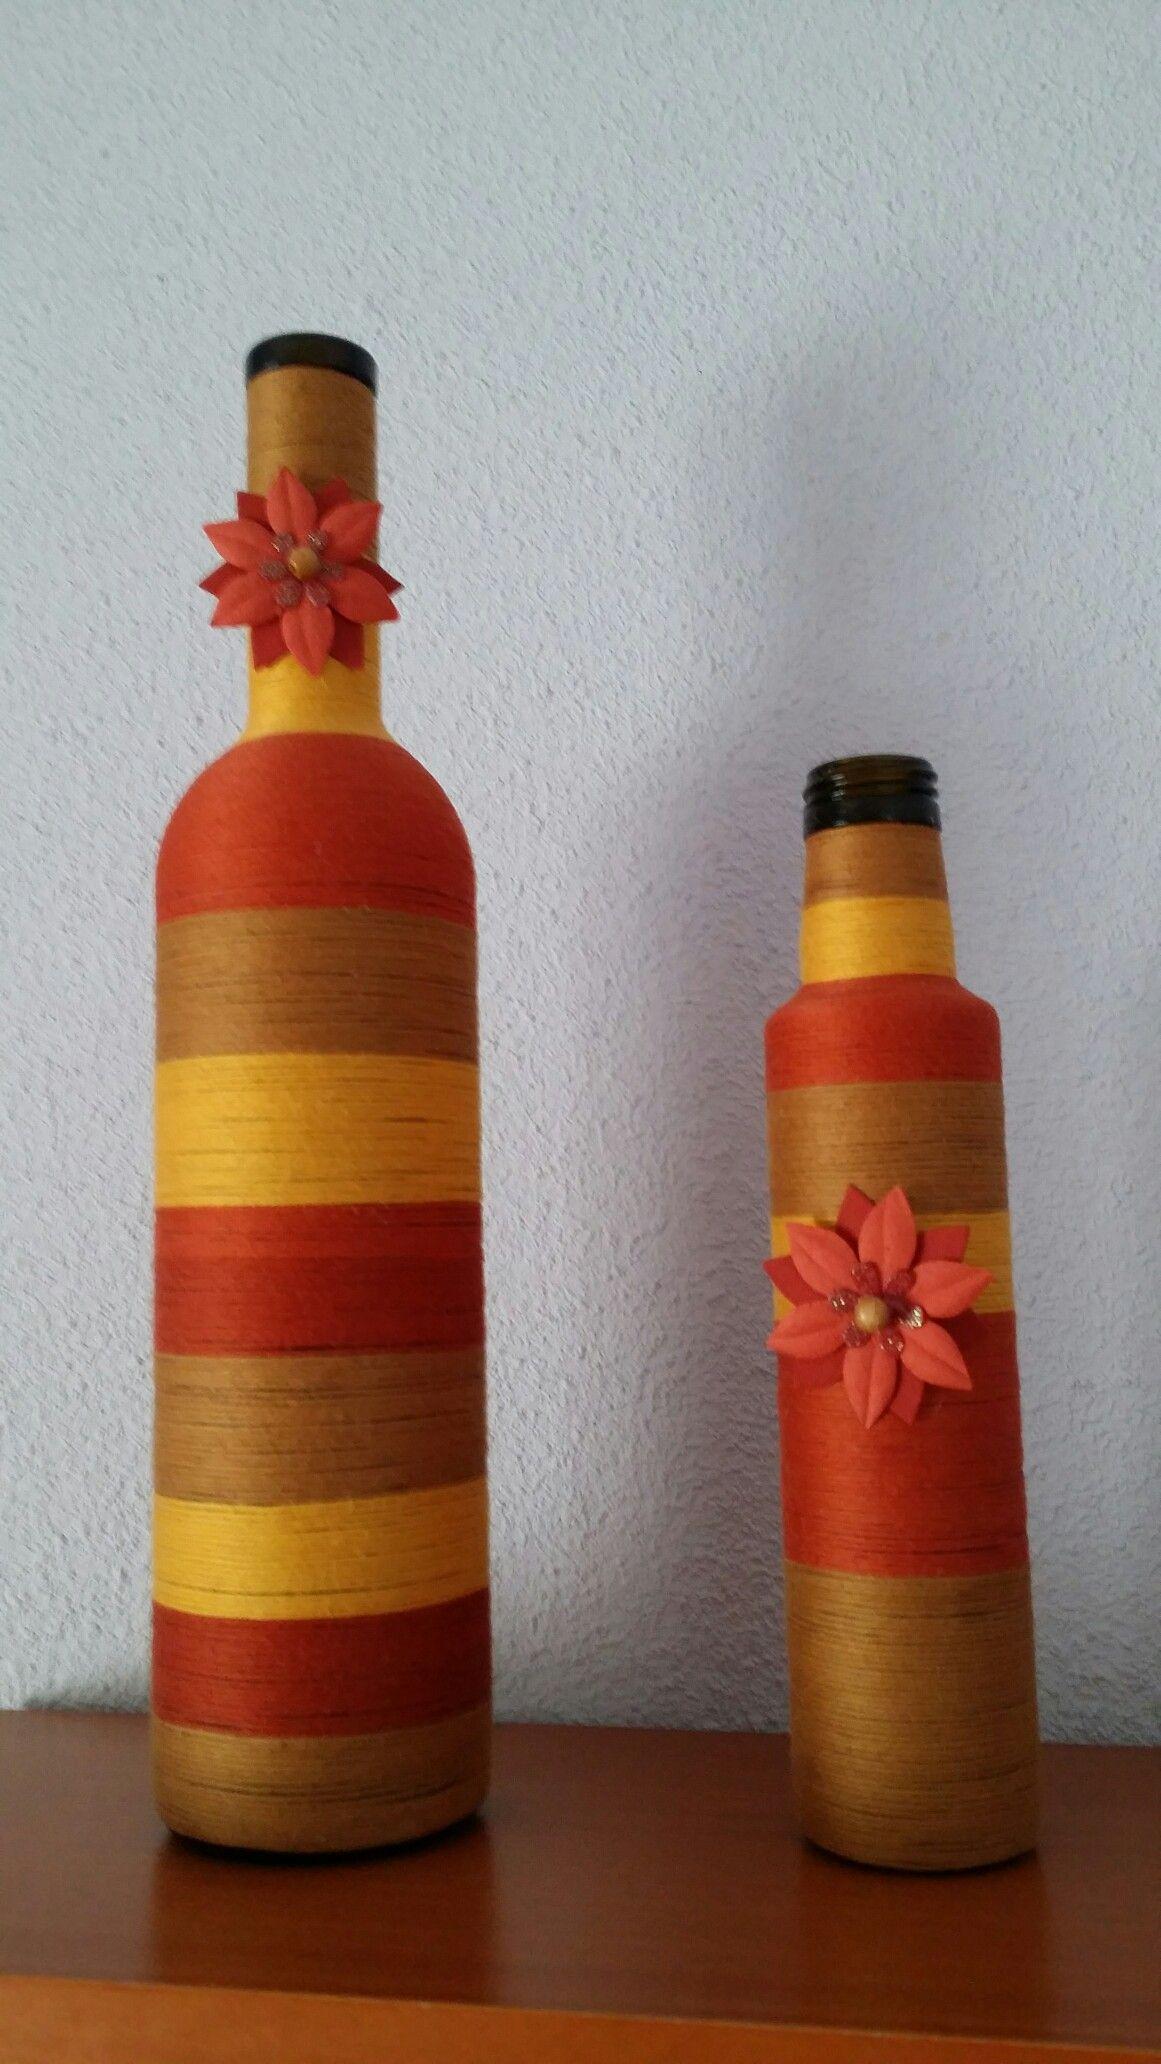 Botellas De Vino Y Aceite Recicladas By Mdt Garrafas Recicladas Garrafas De Vidro Decoradas Garrafas De Vidro